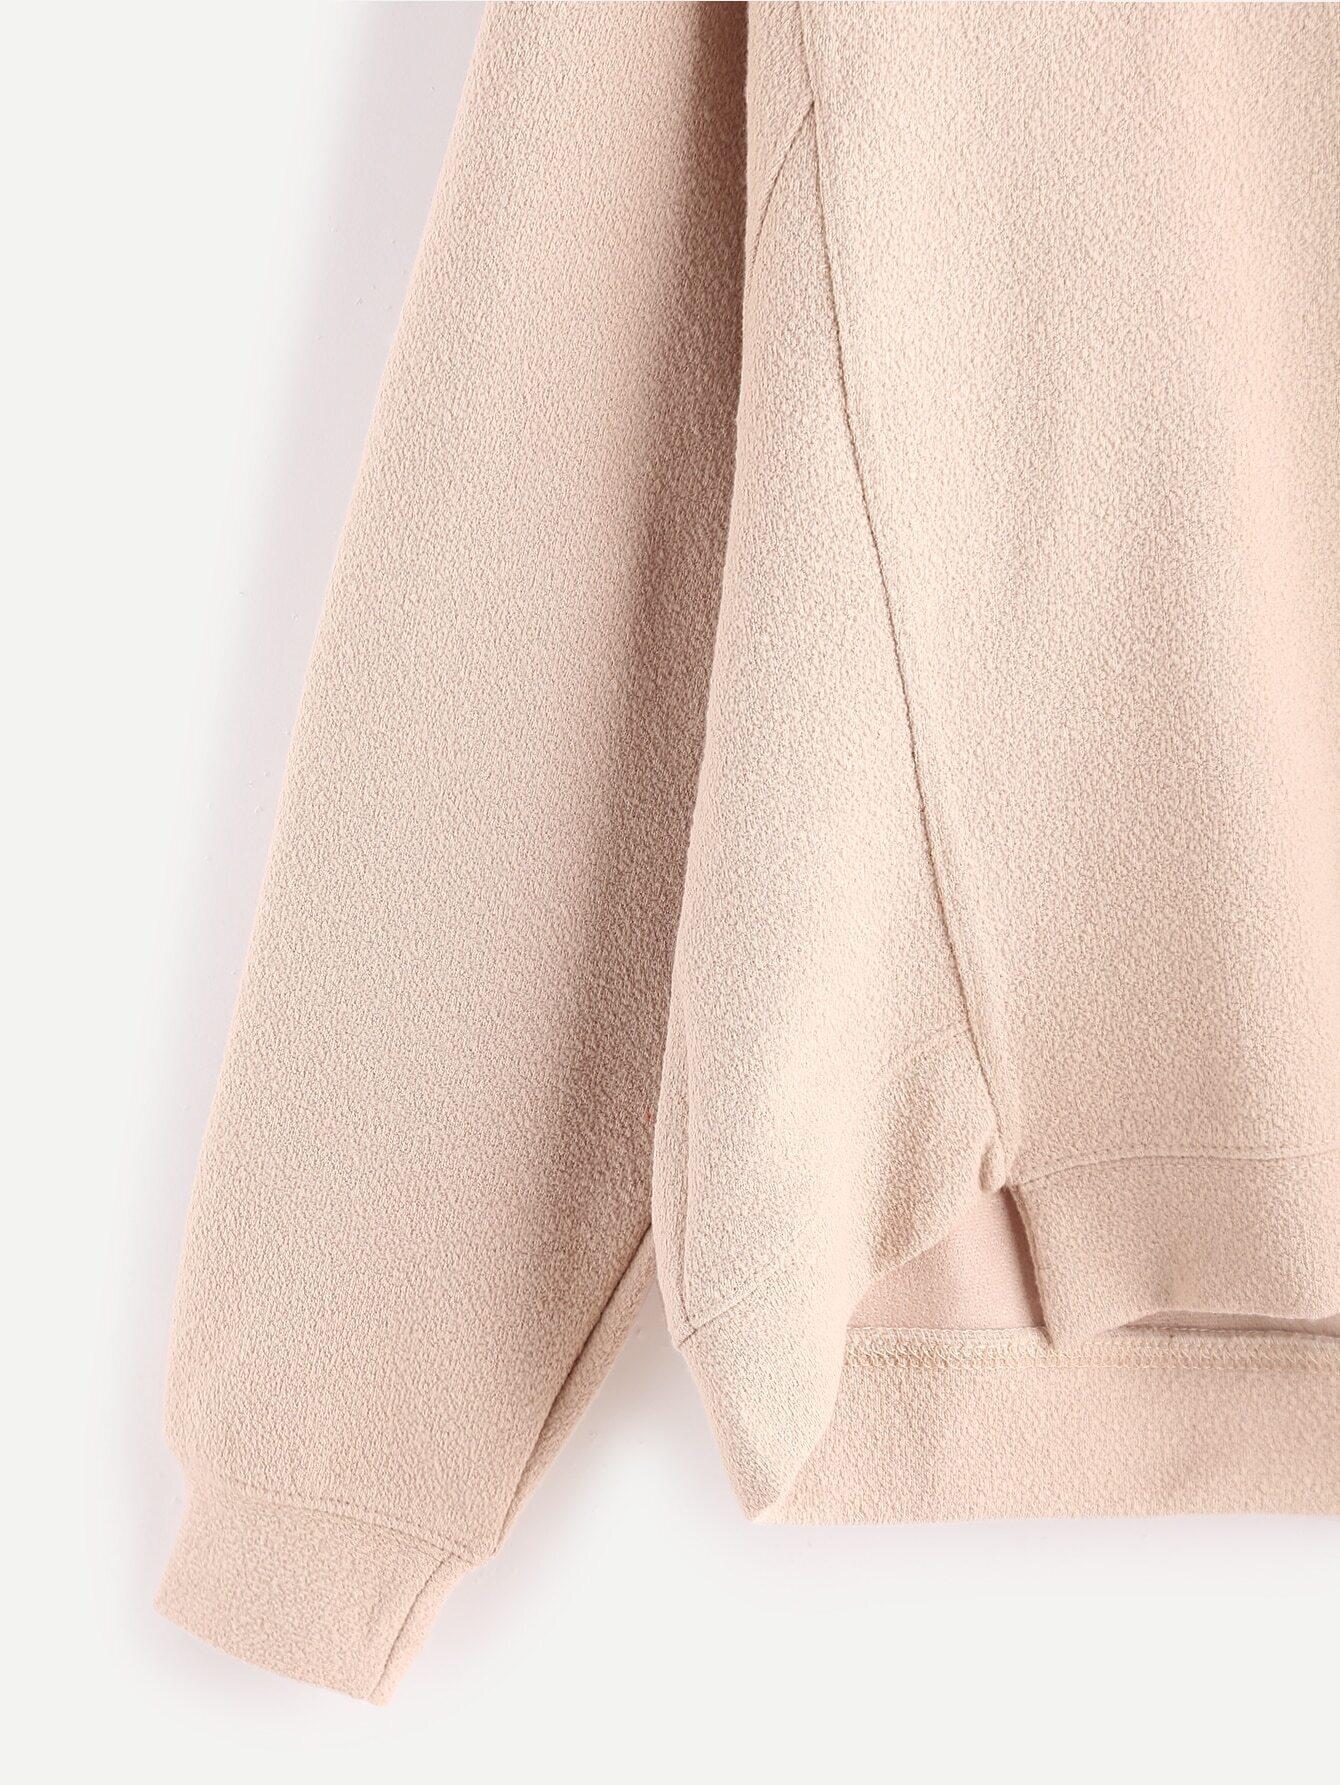 sweatshirt161223003_2